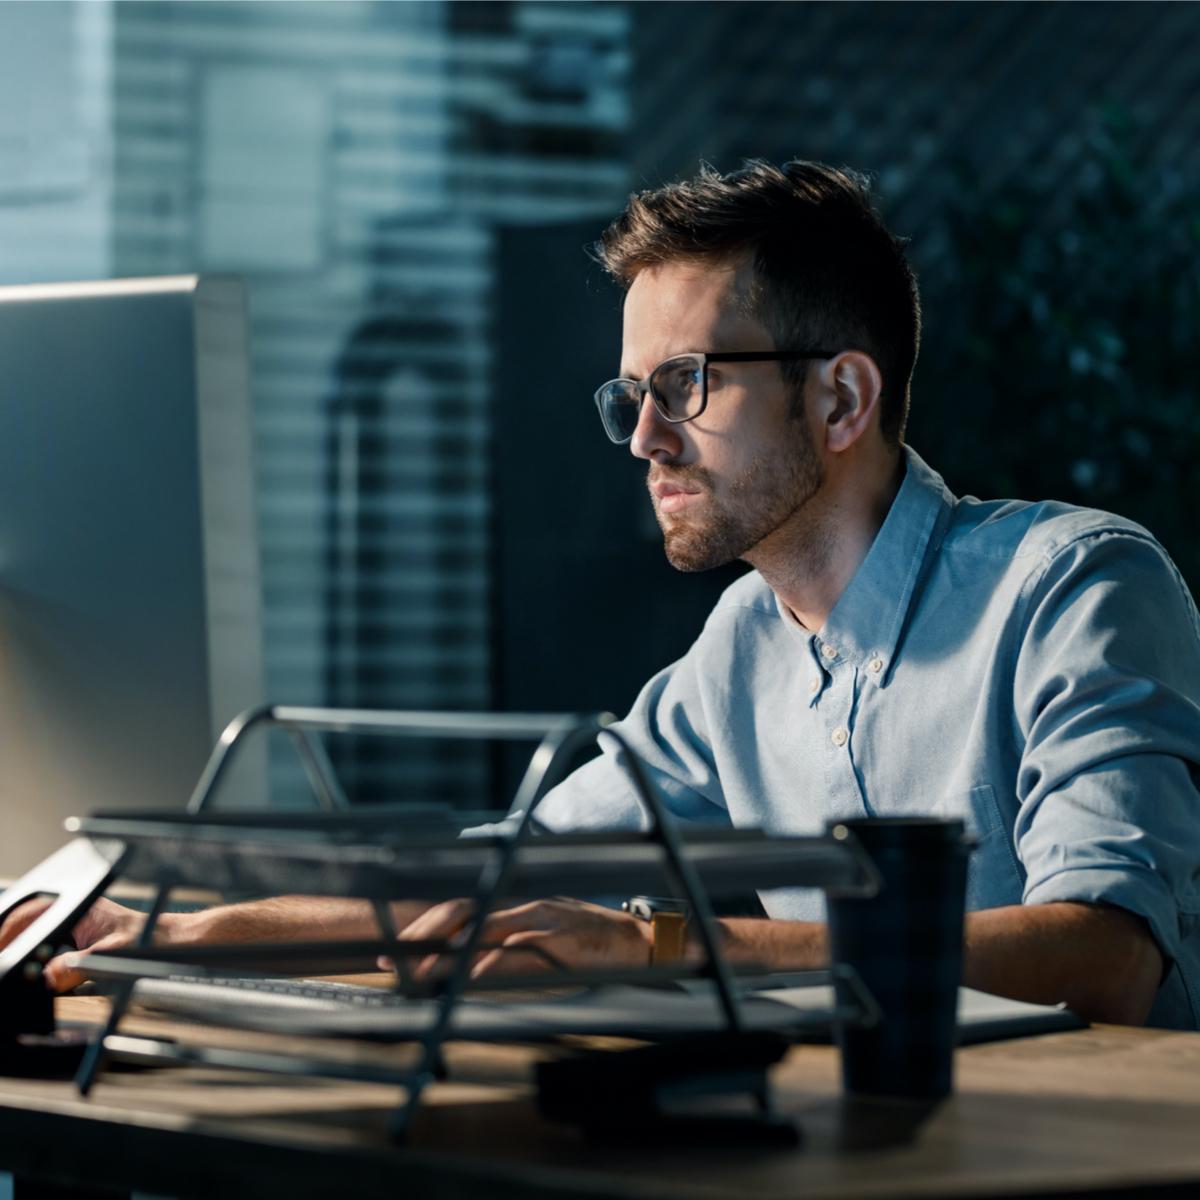 Lavoro Straordinario: regole, tasse e limitazioni